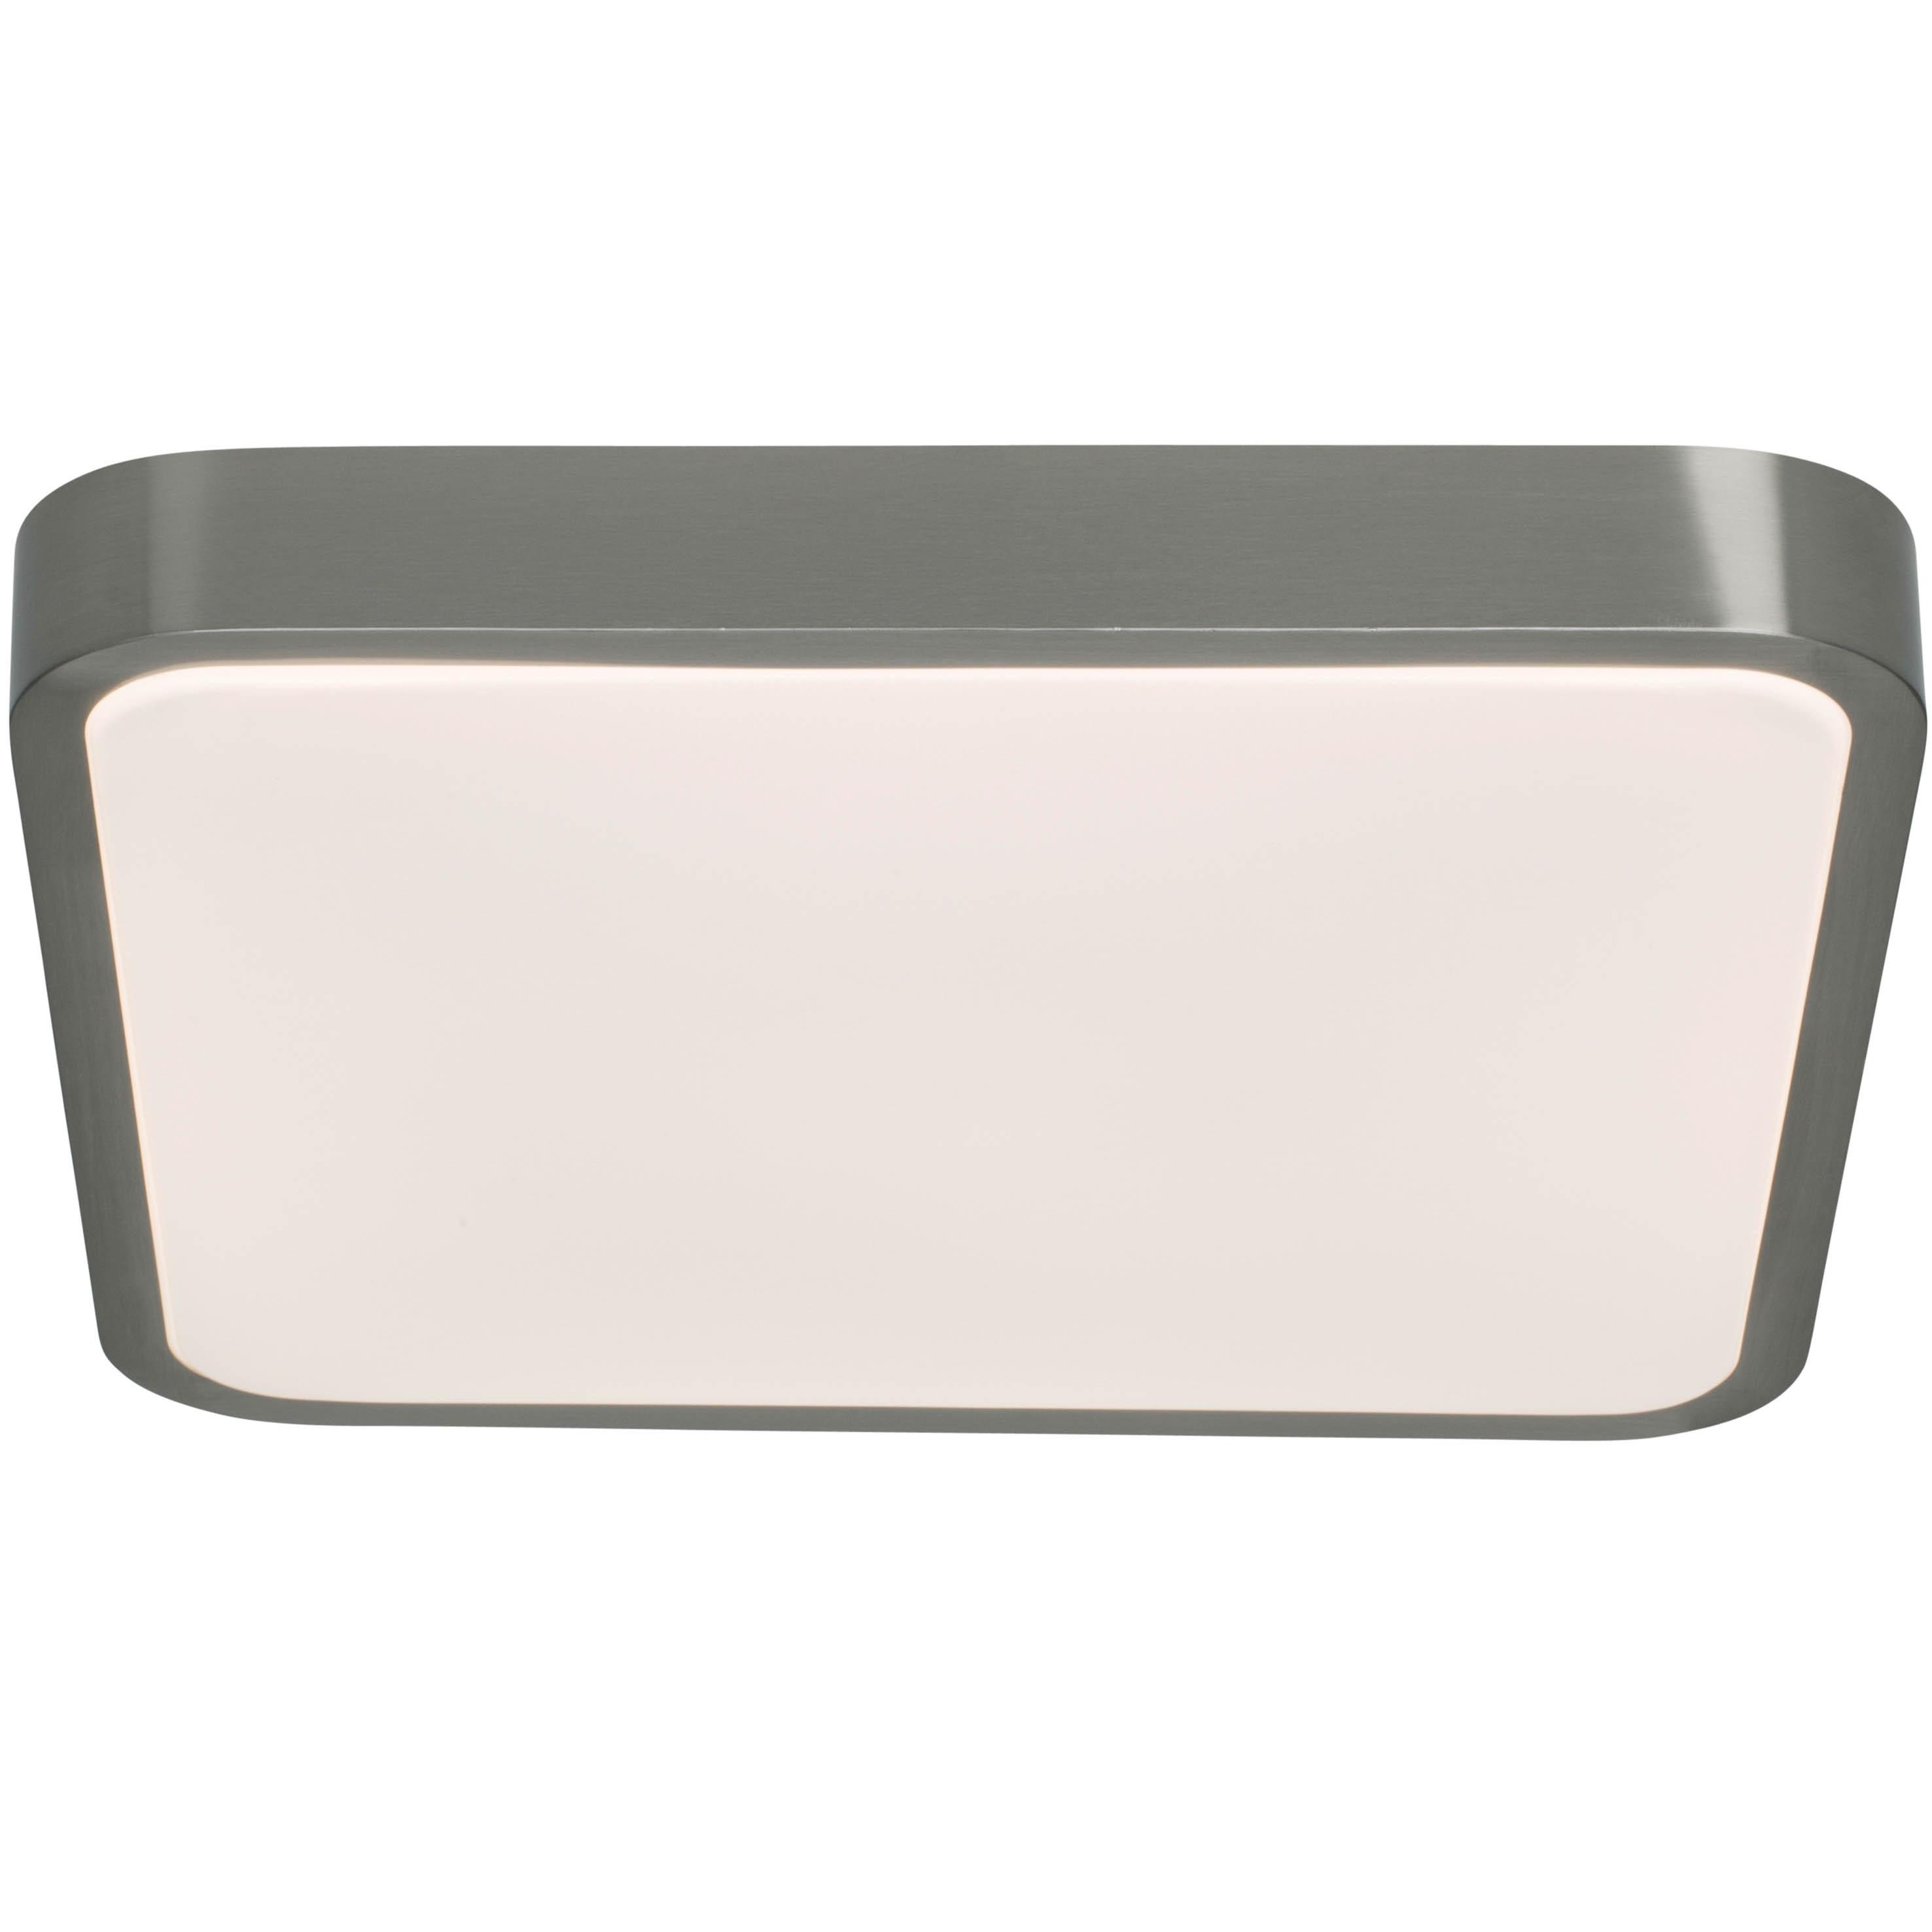 AEG Mikel LED Deckenleuchte 38x38cm eisen/weiß